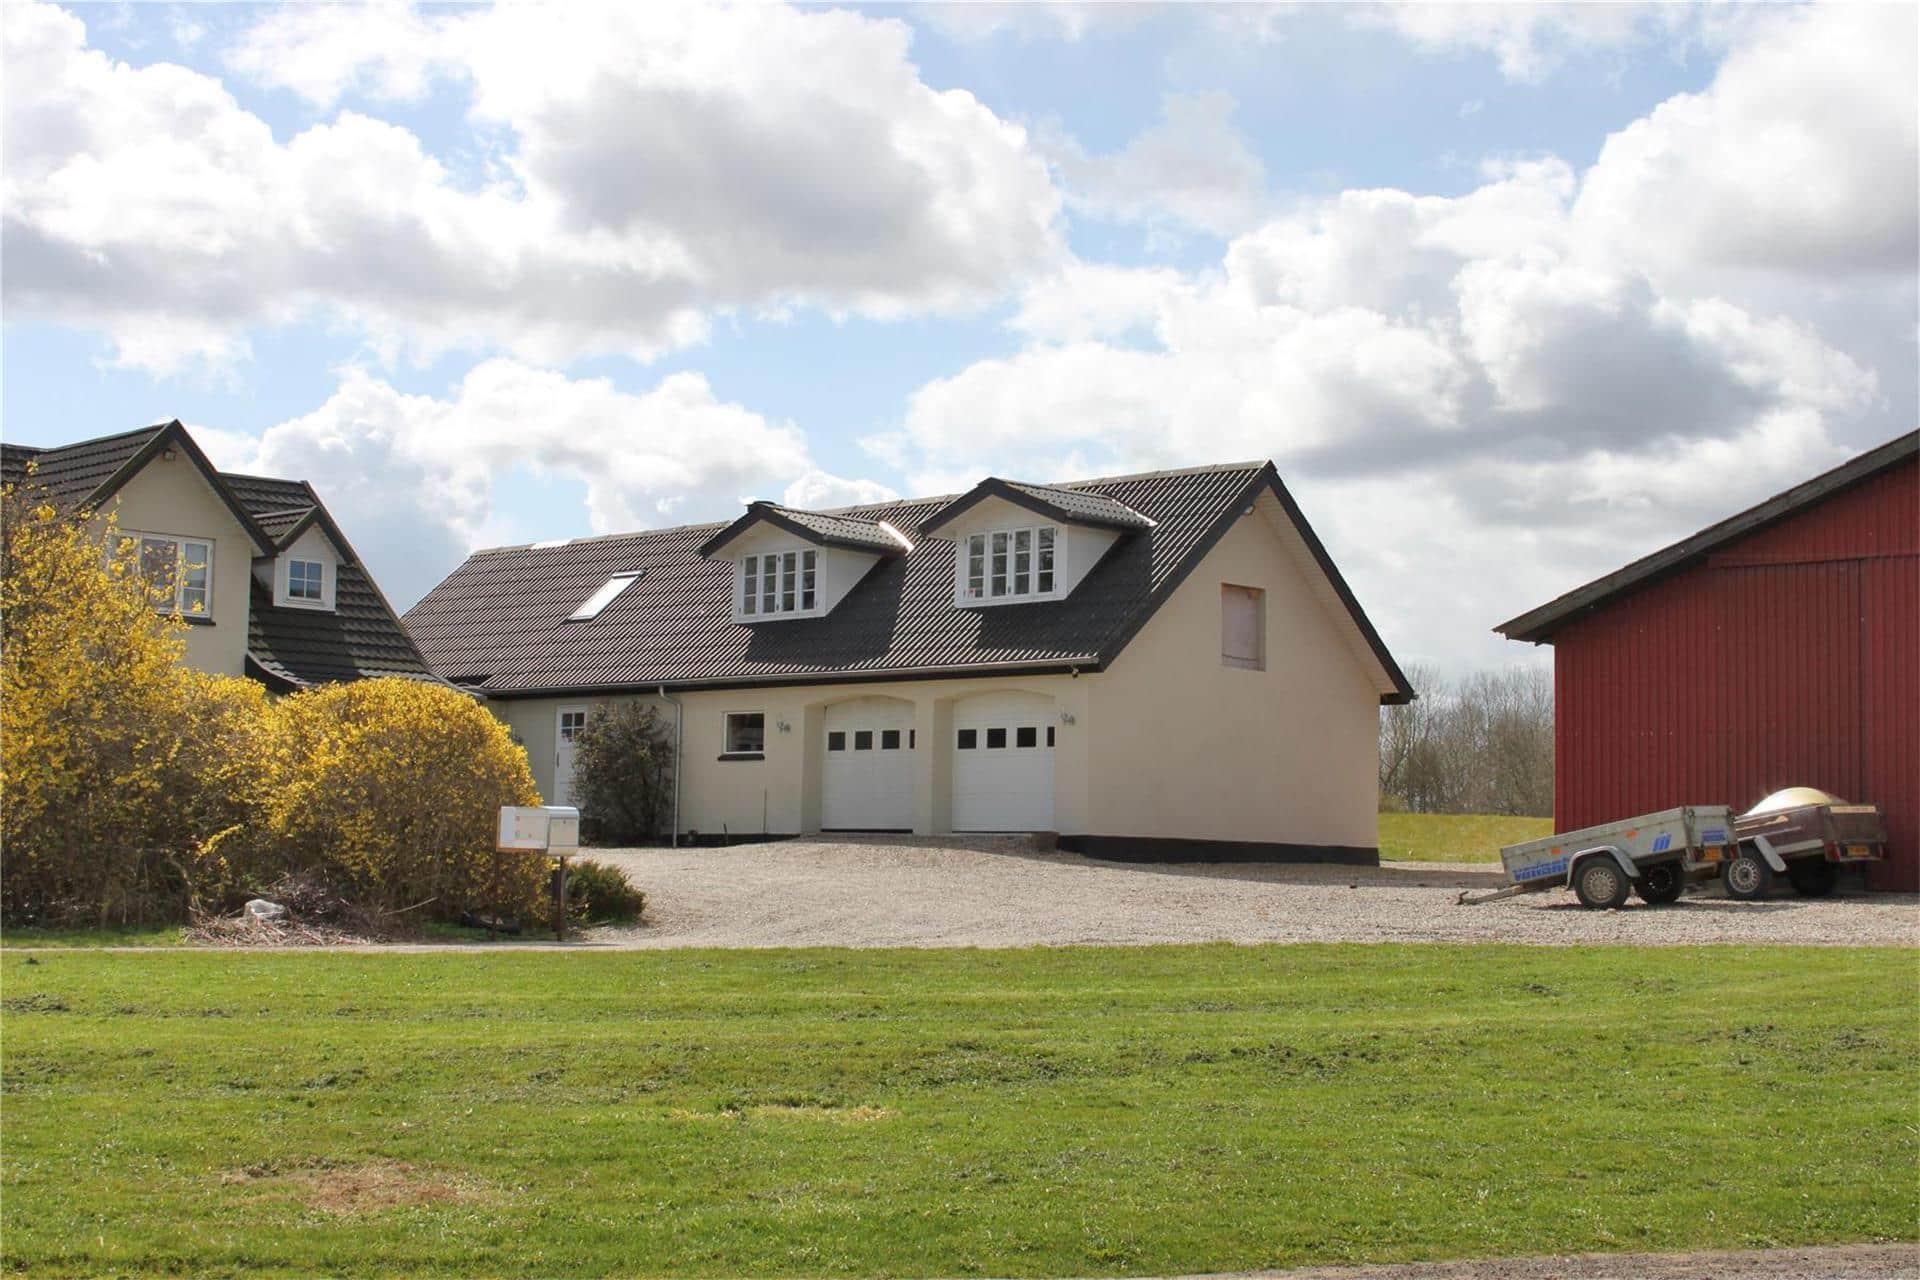 Billede 1-3 Sommerhus M65520, Tobovej 80, DK - 5690 Tommerup